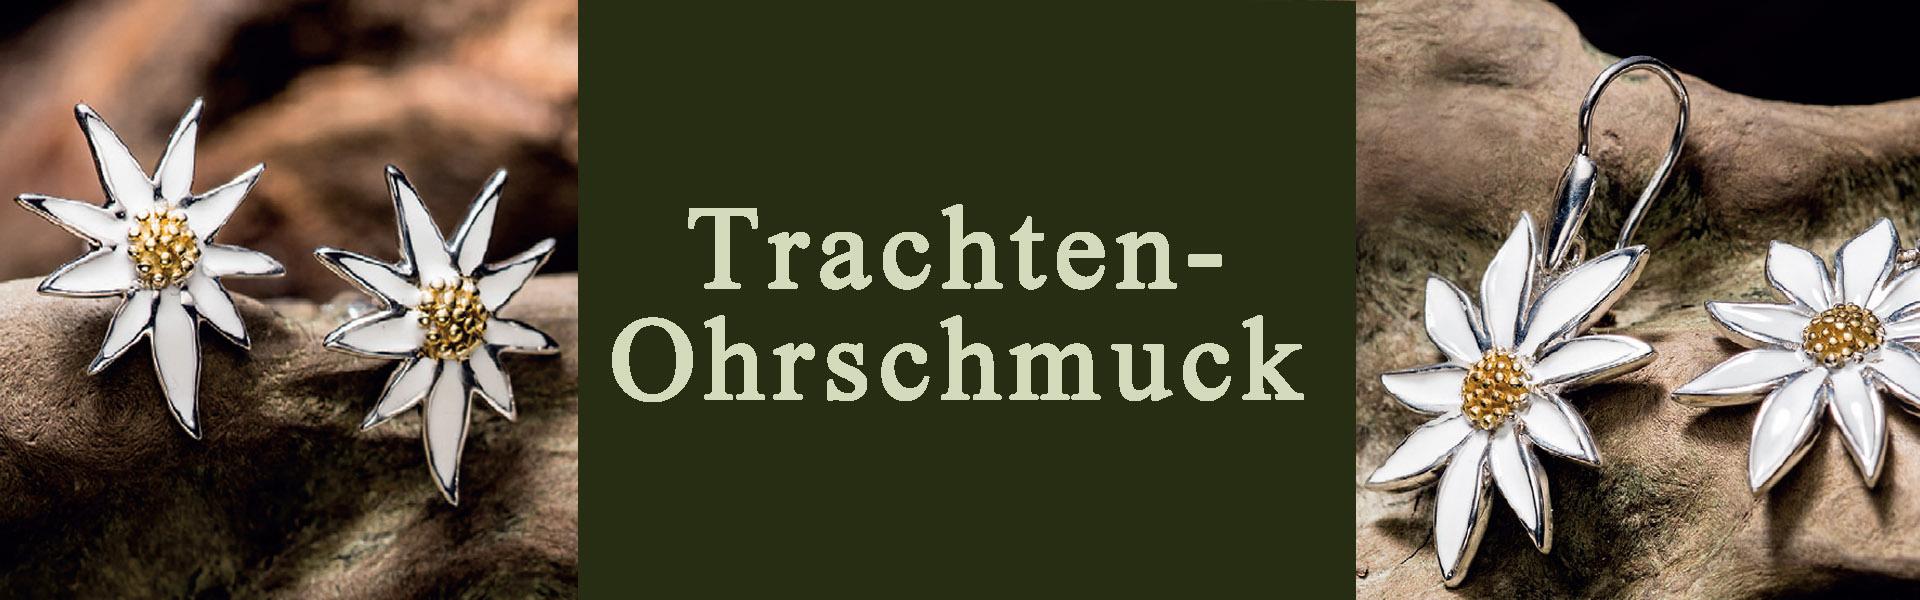 Trachten-Ohrschmuck